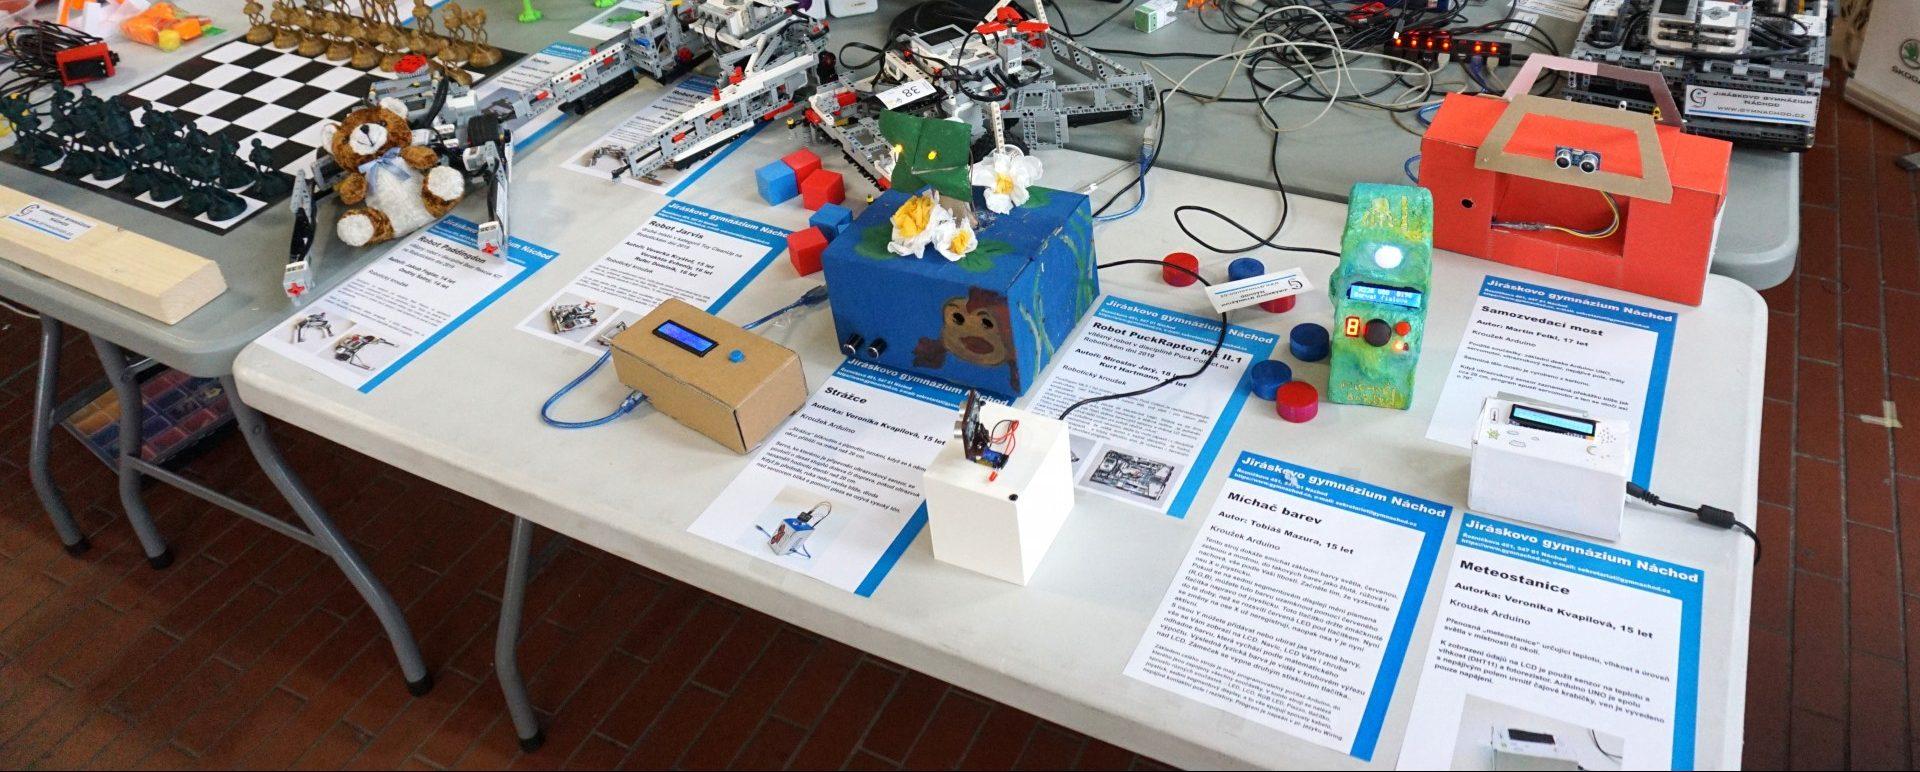 Jiráskovo gymnázium na veletrhu Maker Faire 2019 vPraze